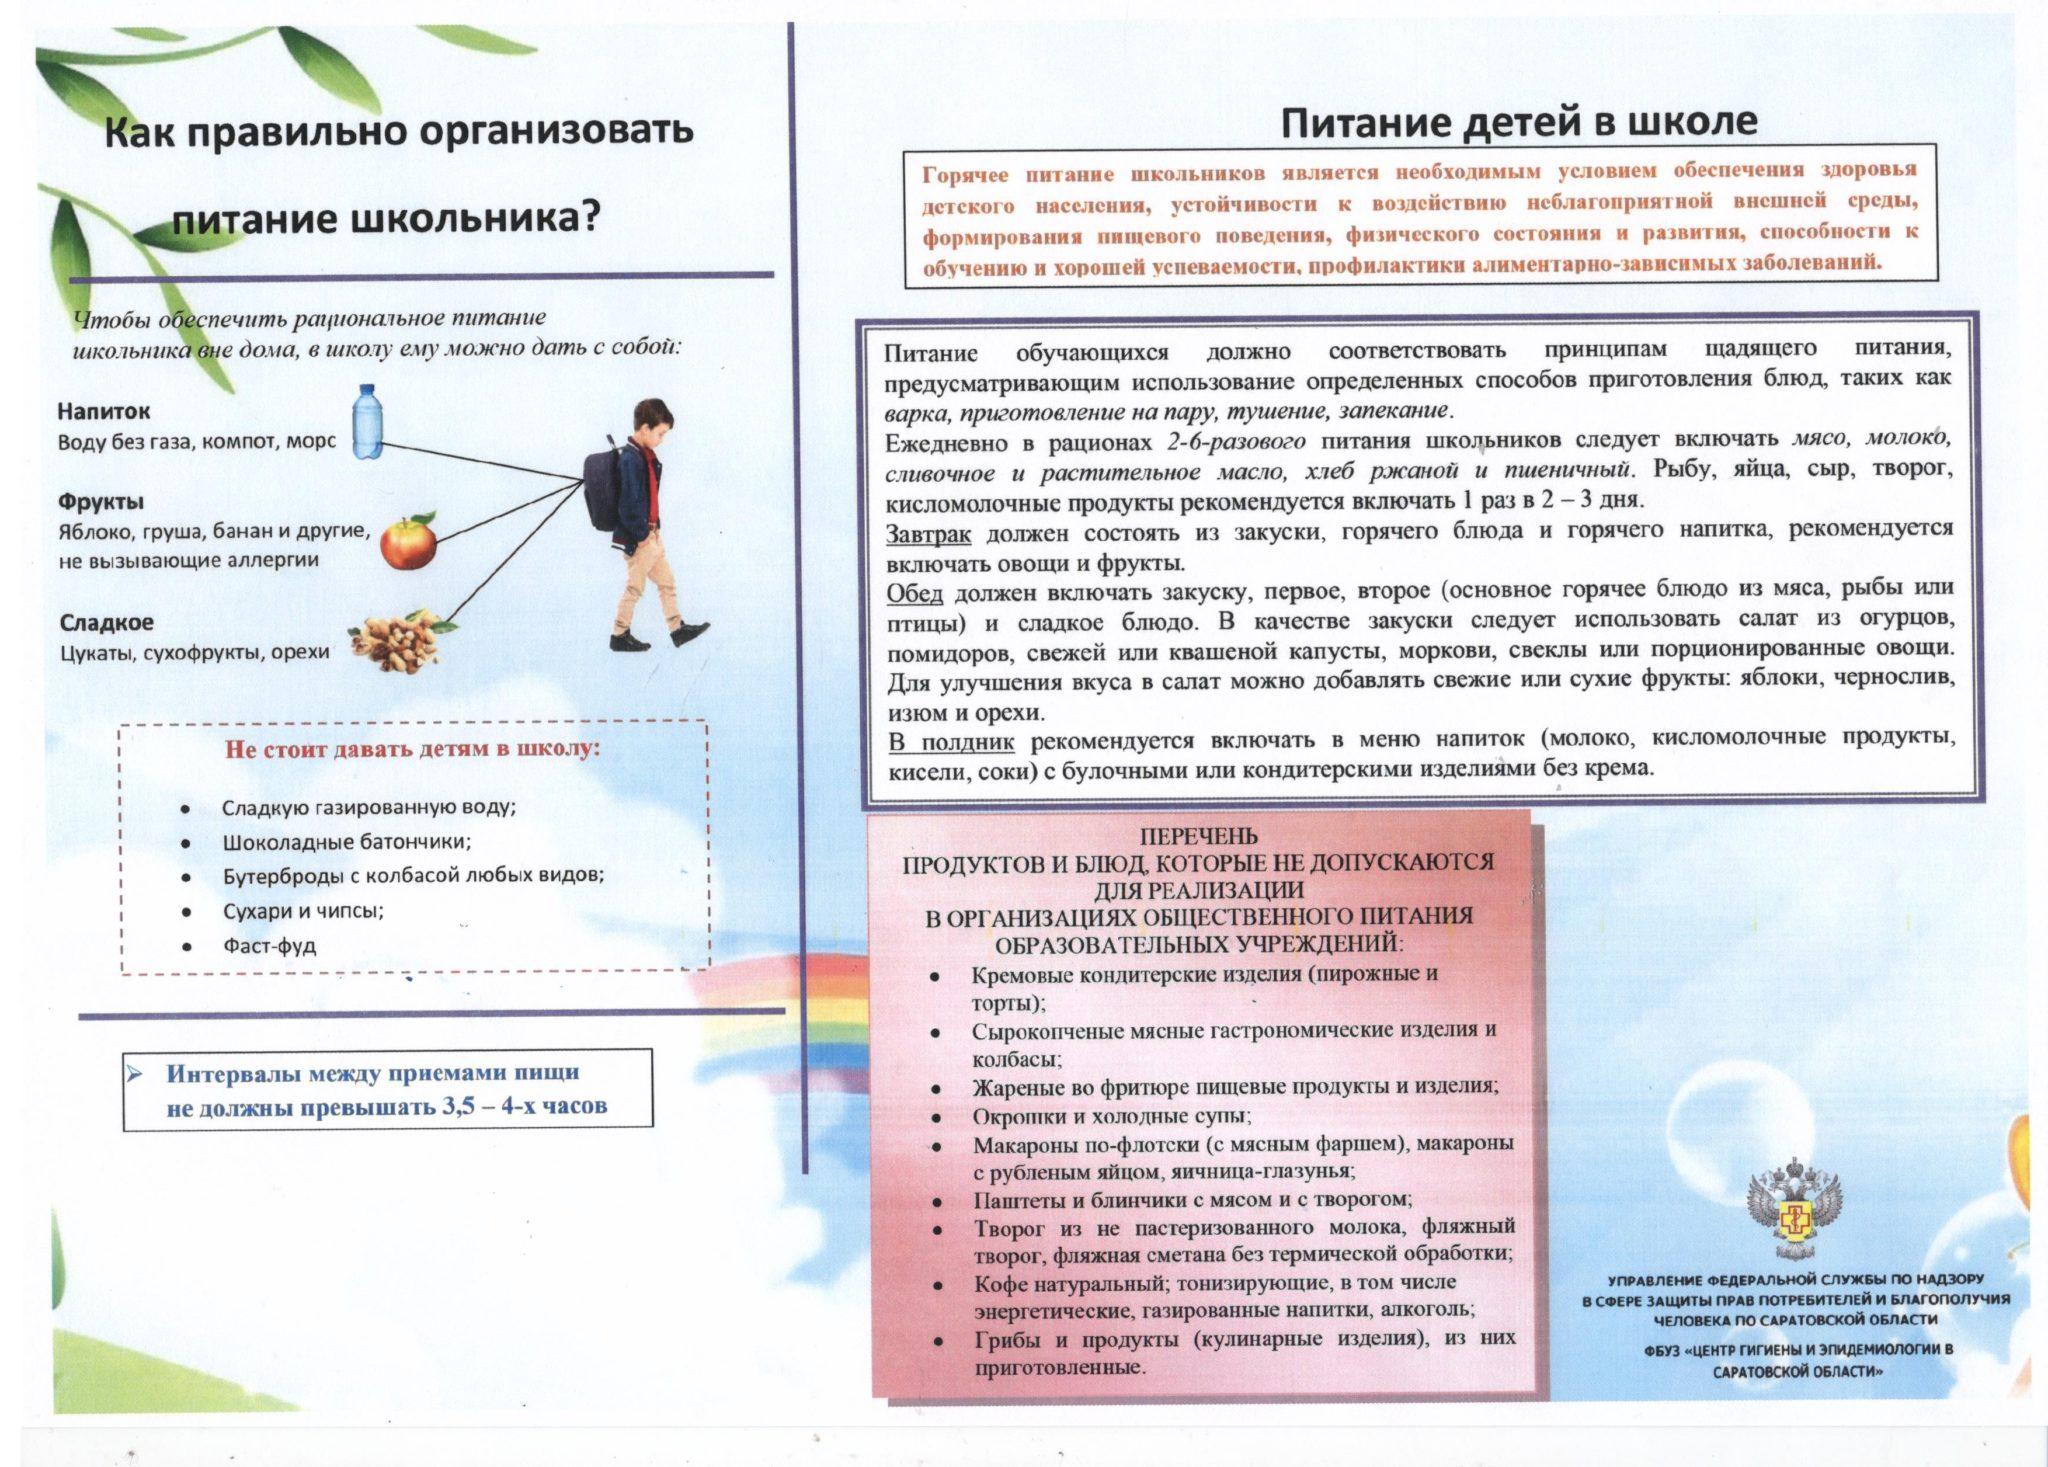 ПАМЯТКА по вопросам общественного контроля качества питания в общеобразовательных организациях (для родительских комитетов и общественных организаций)